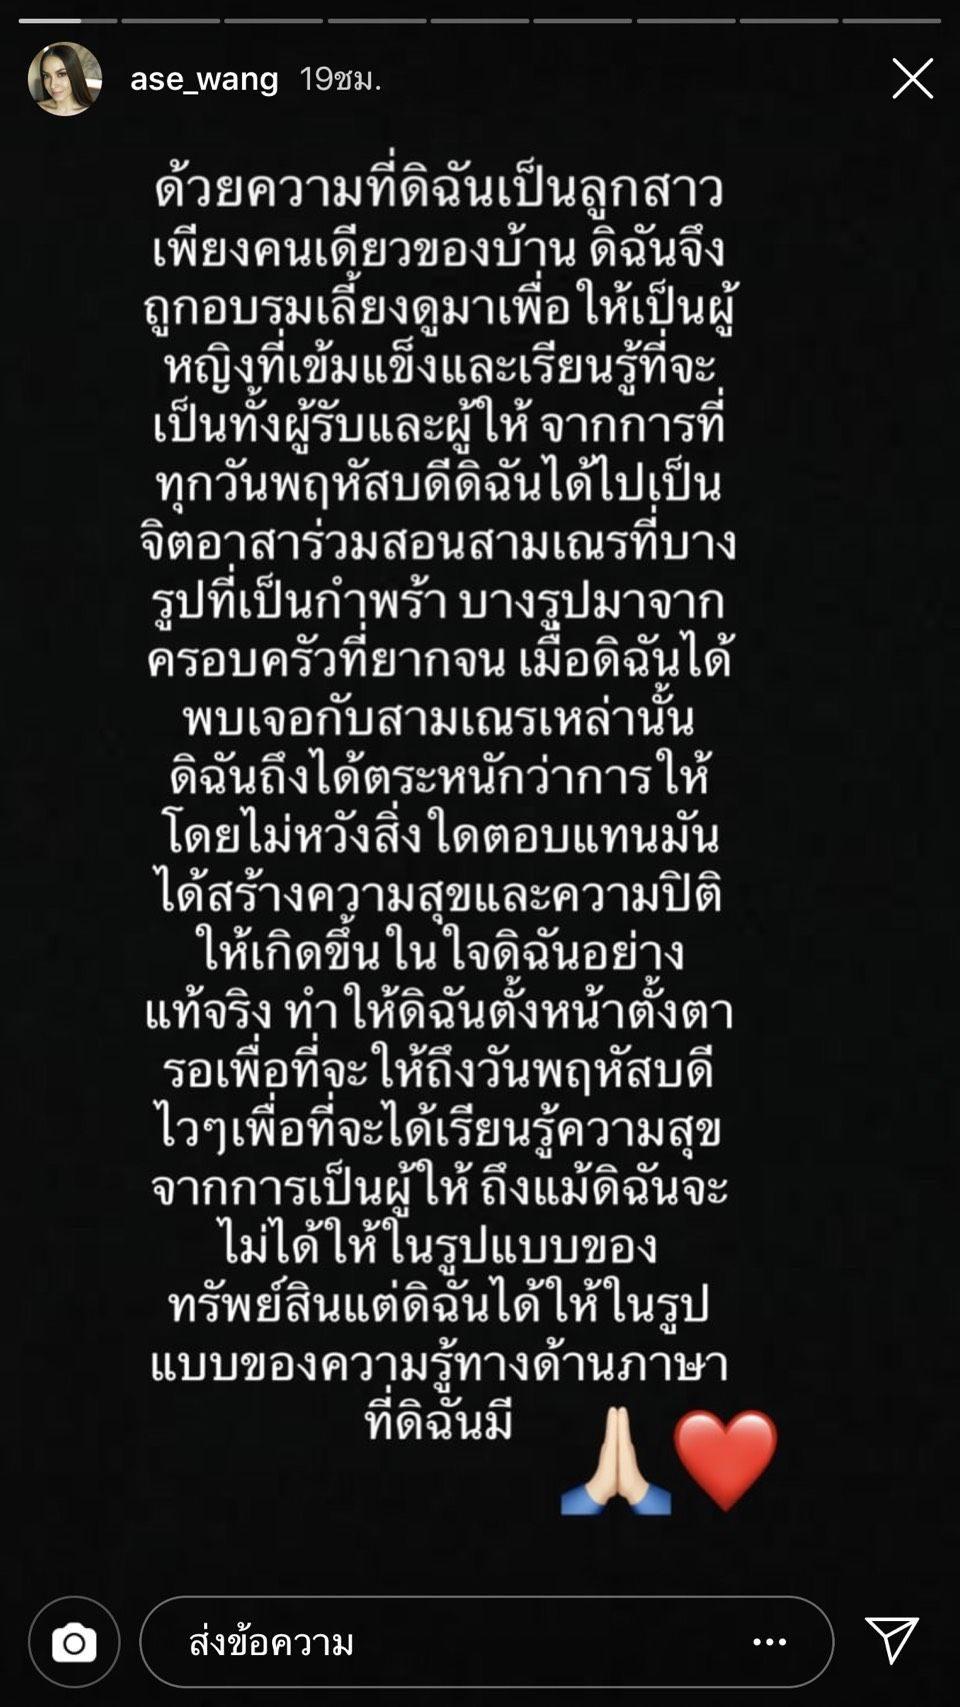 โอซา แวง